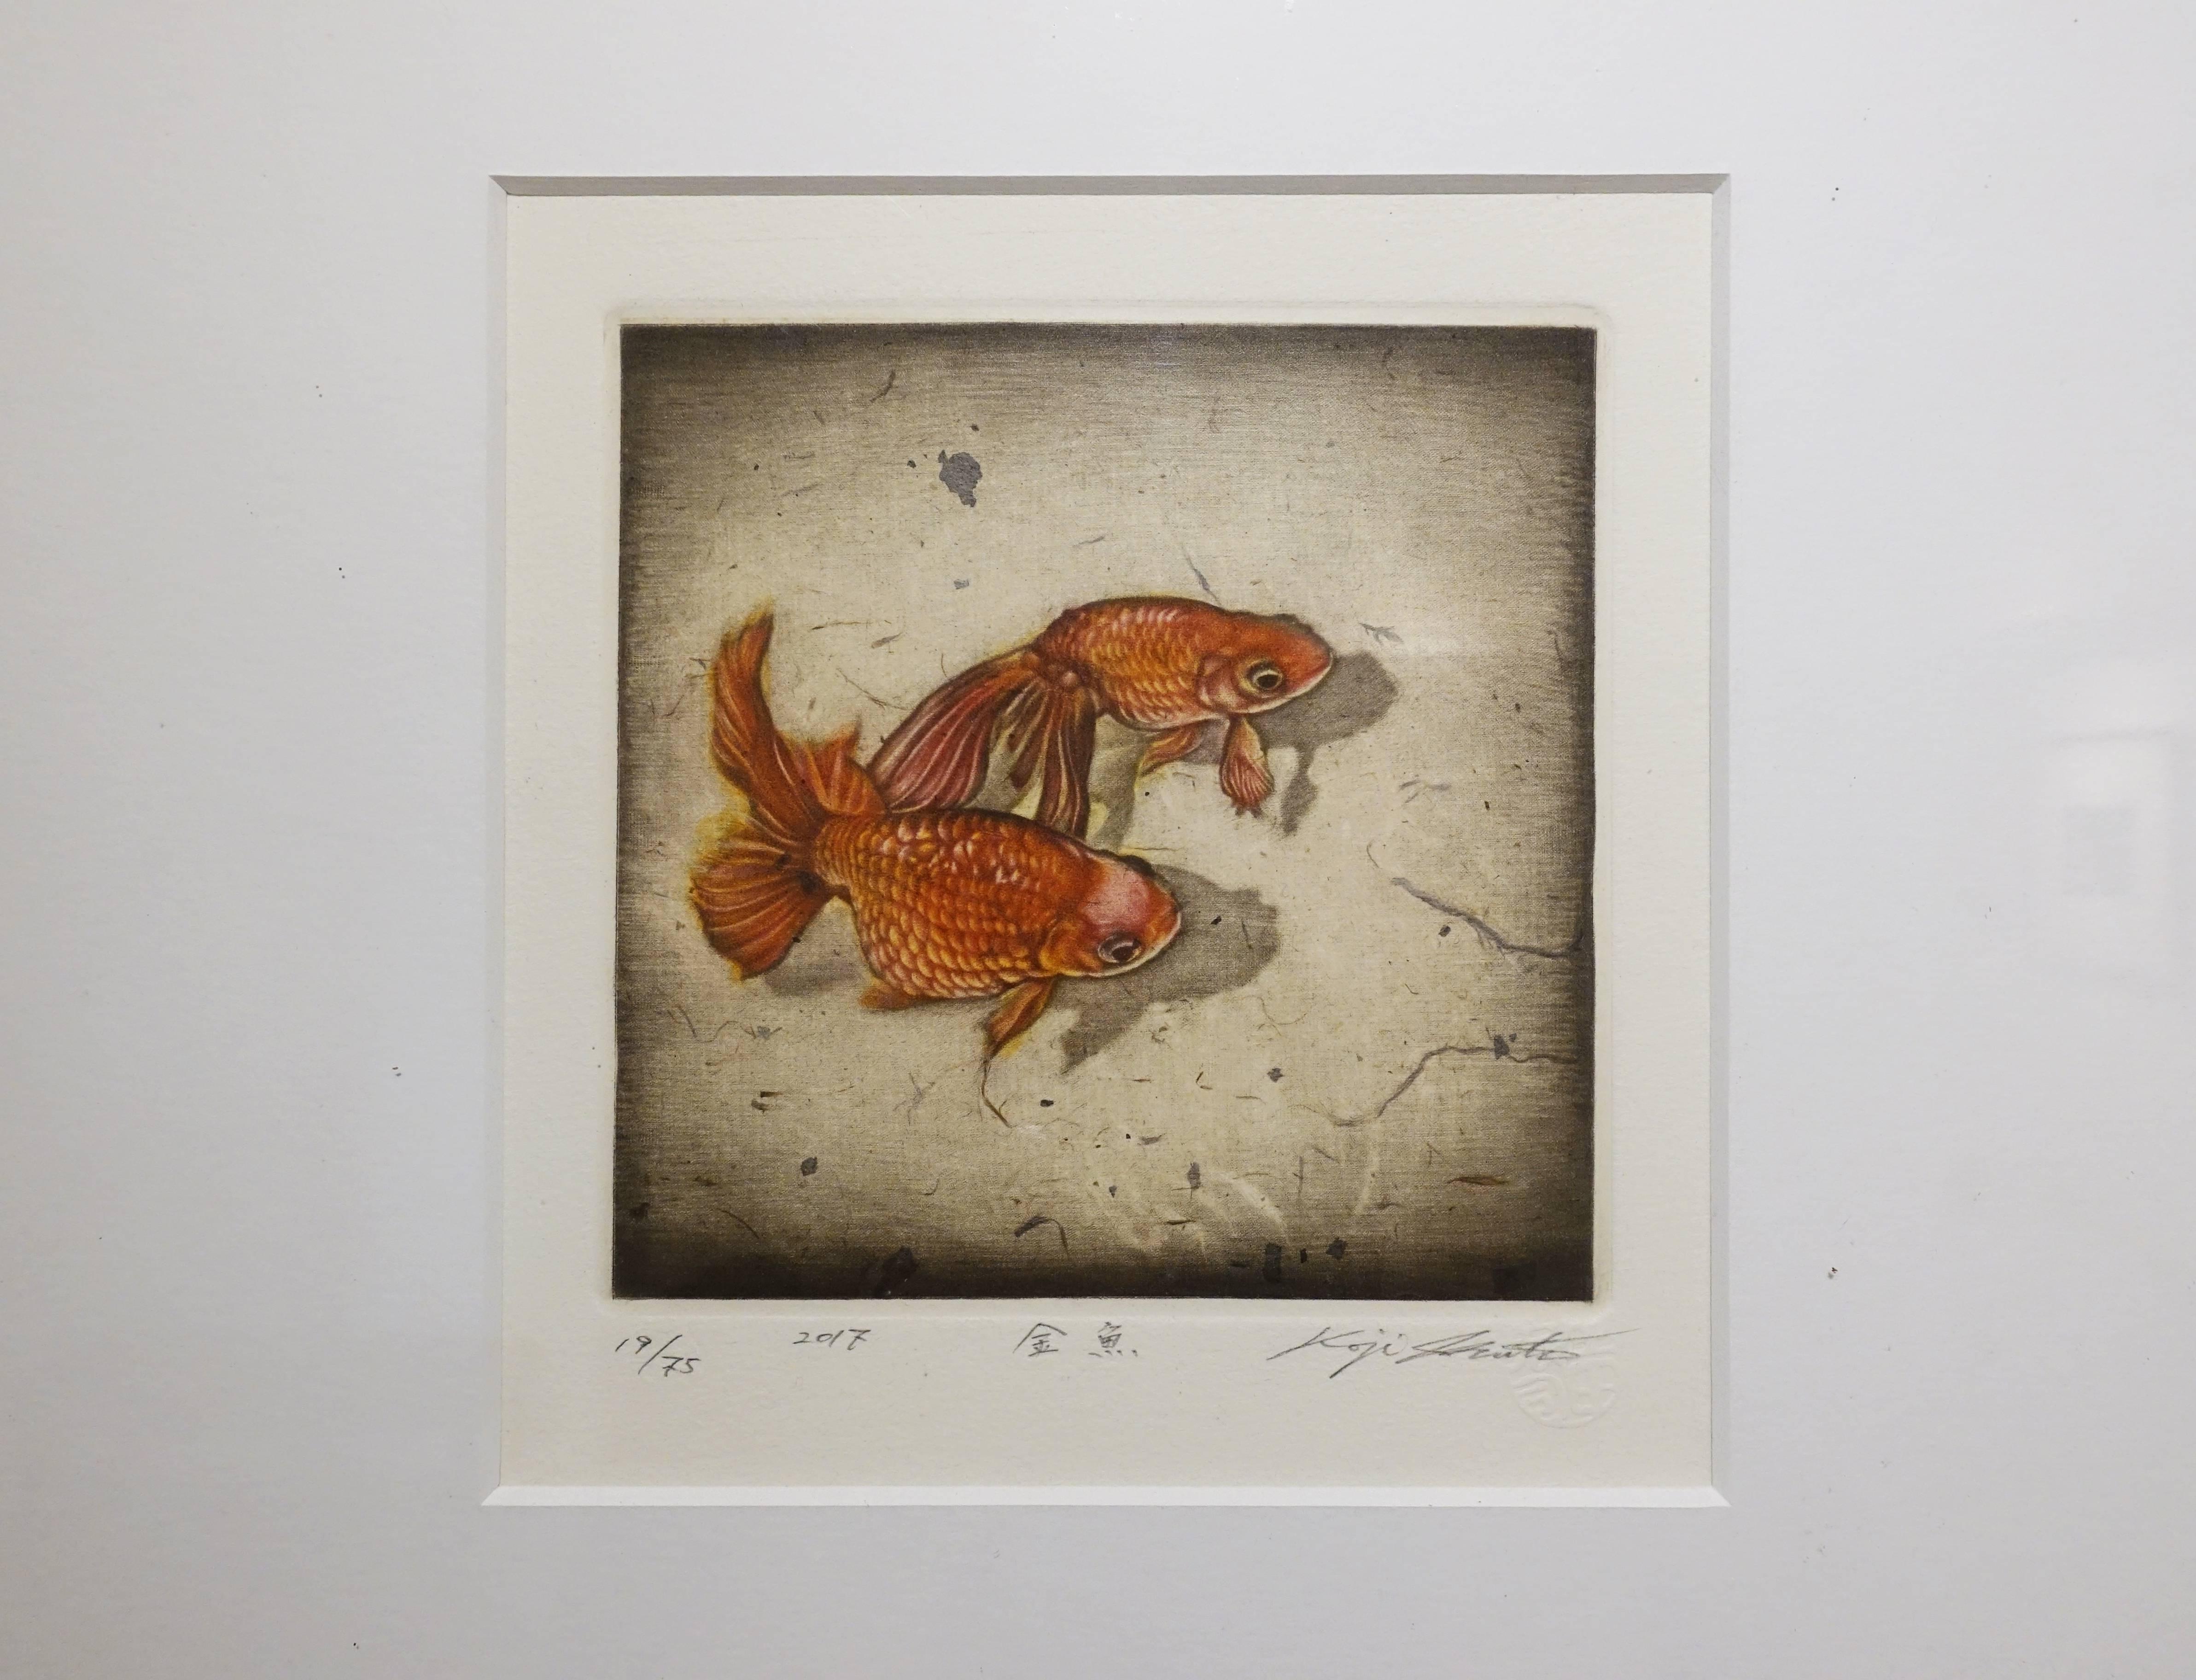 生田宏司,《金魚》,美柔汀銅版,2017。